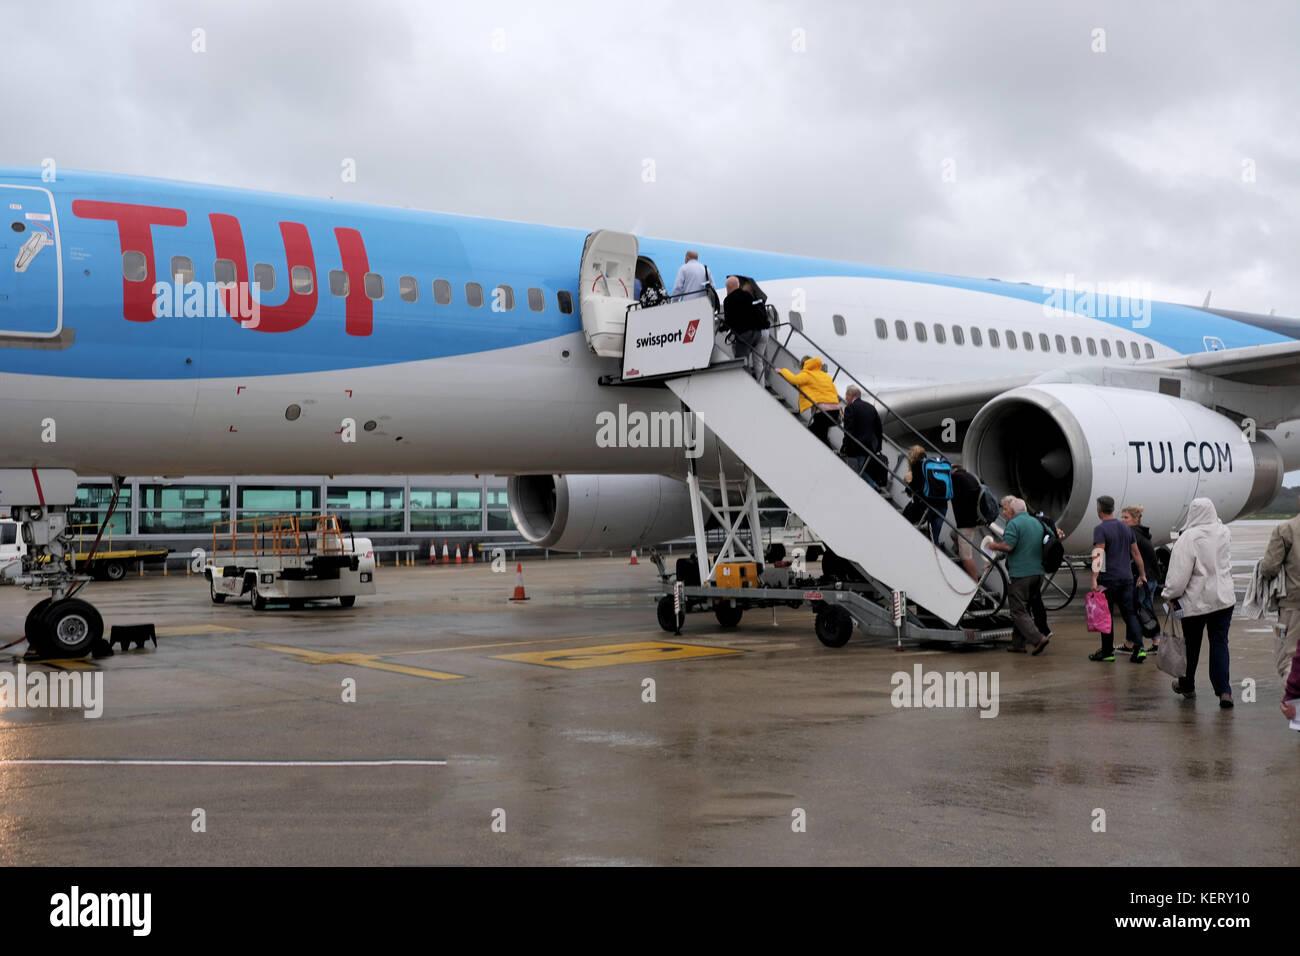 Un avion tui debout sur le tarmac de l'aéroport à l'aéroport de Bristol sous la pluie. l'avion Photo Stock